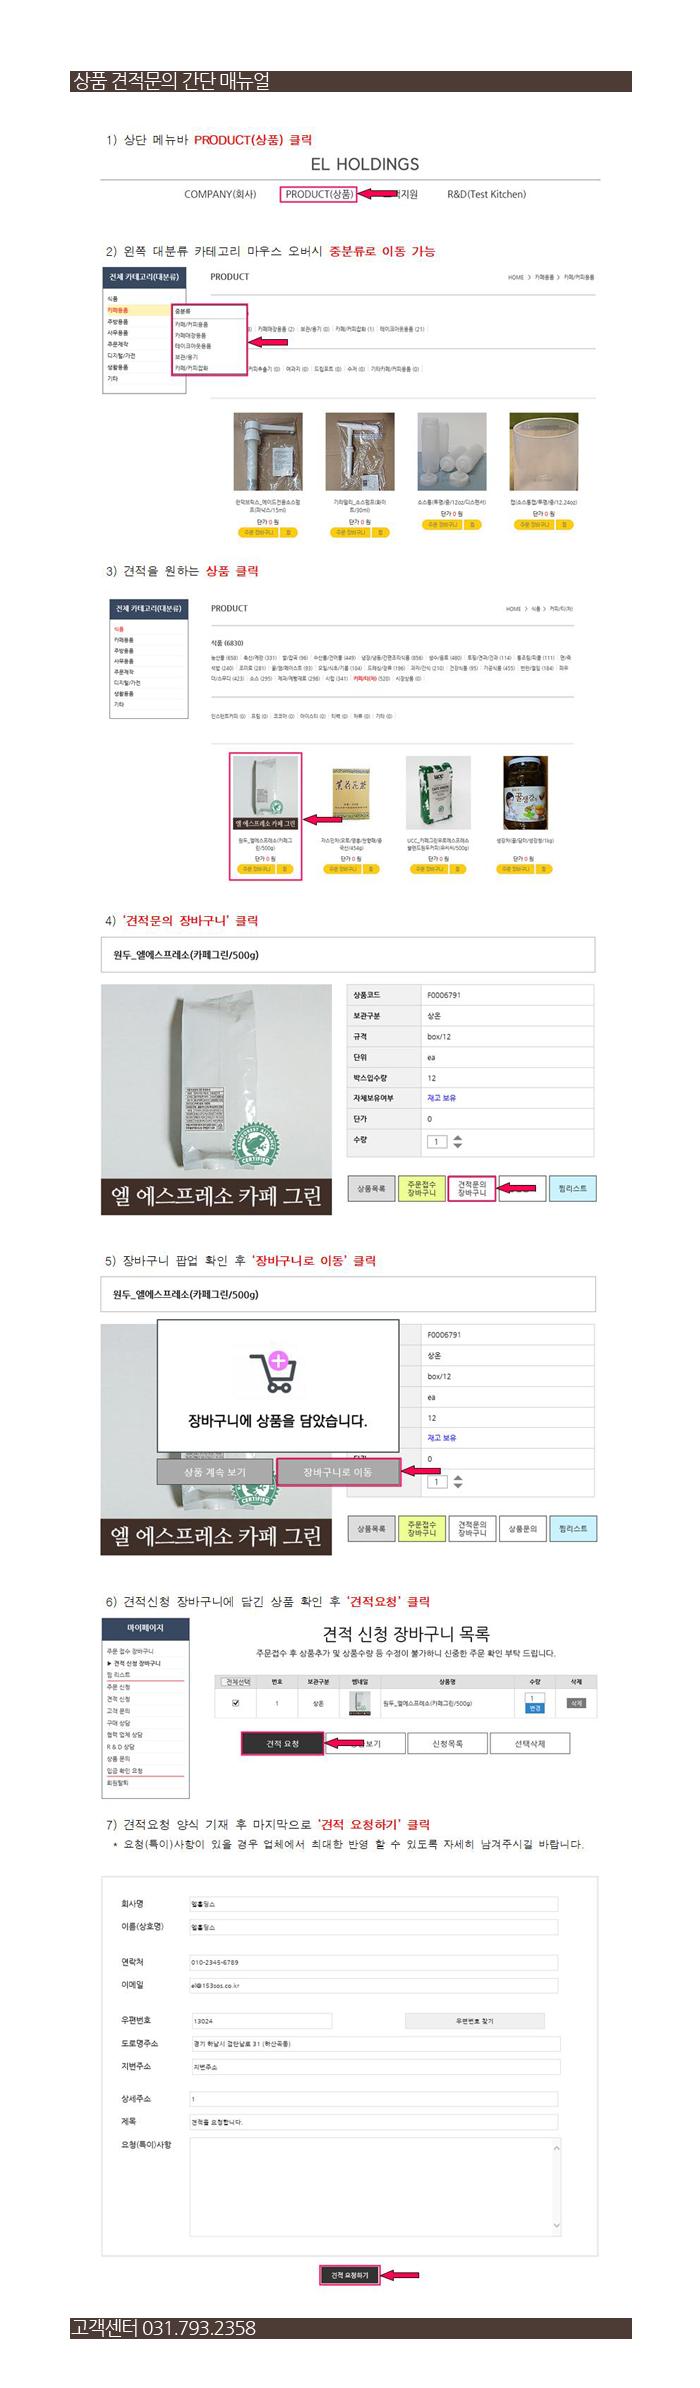 상품견적문의-간단매뉴얼_12월.png